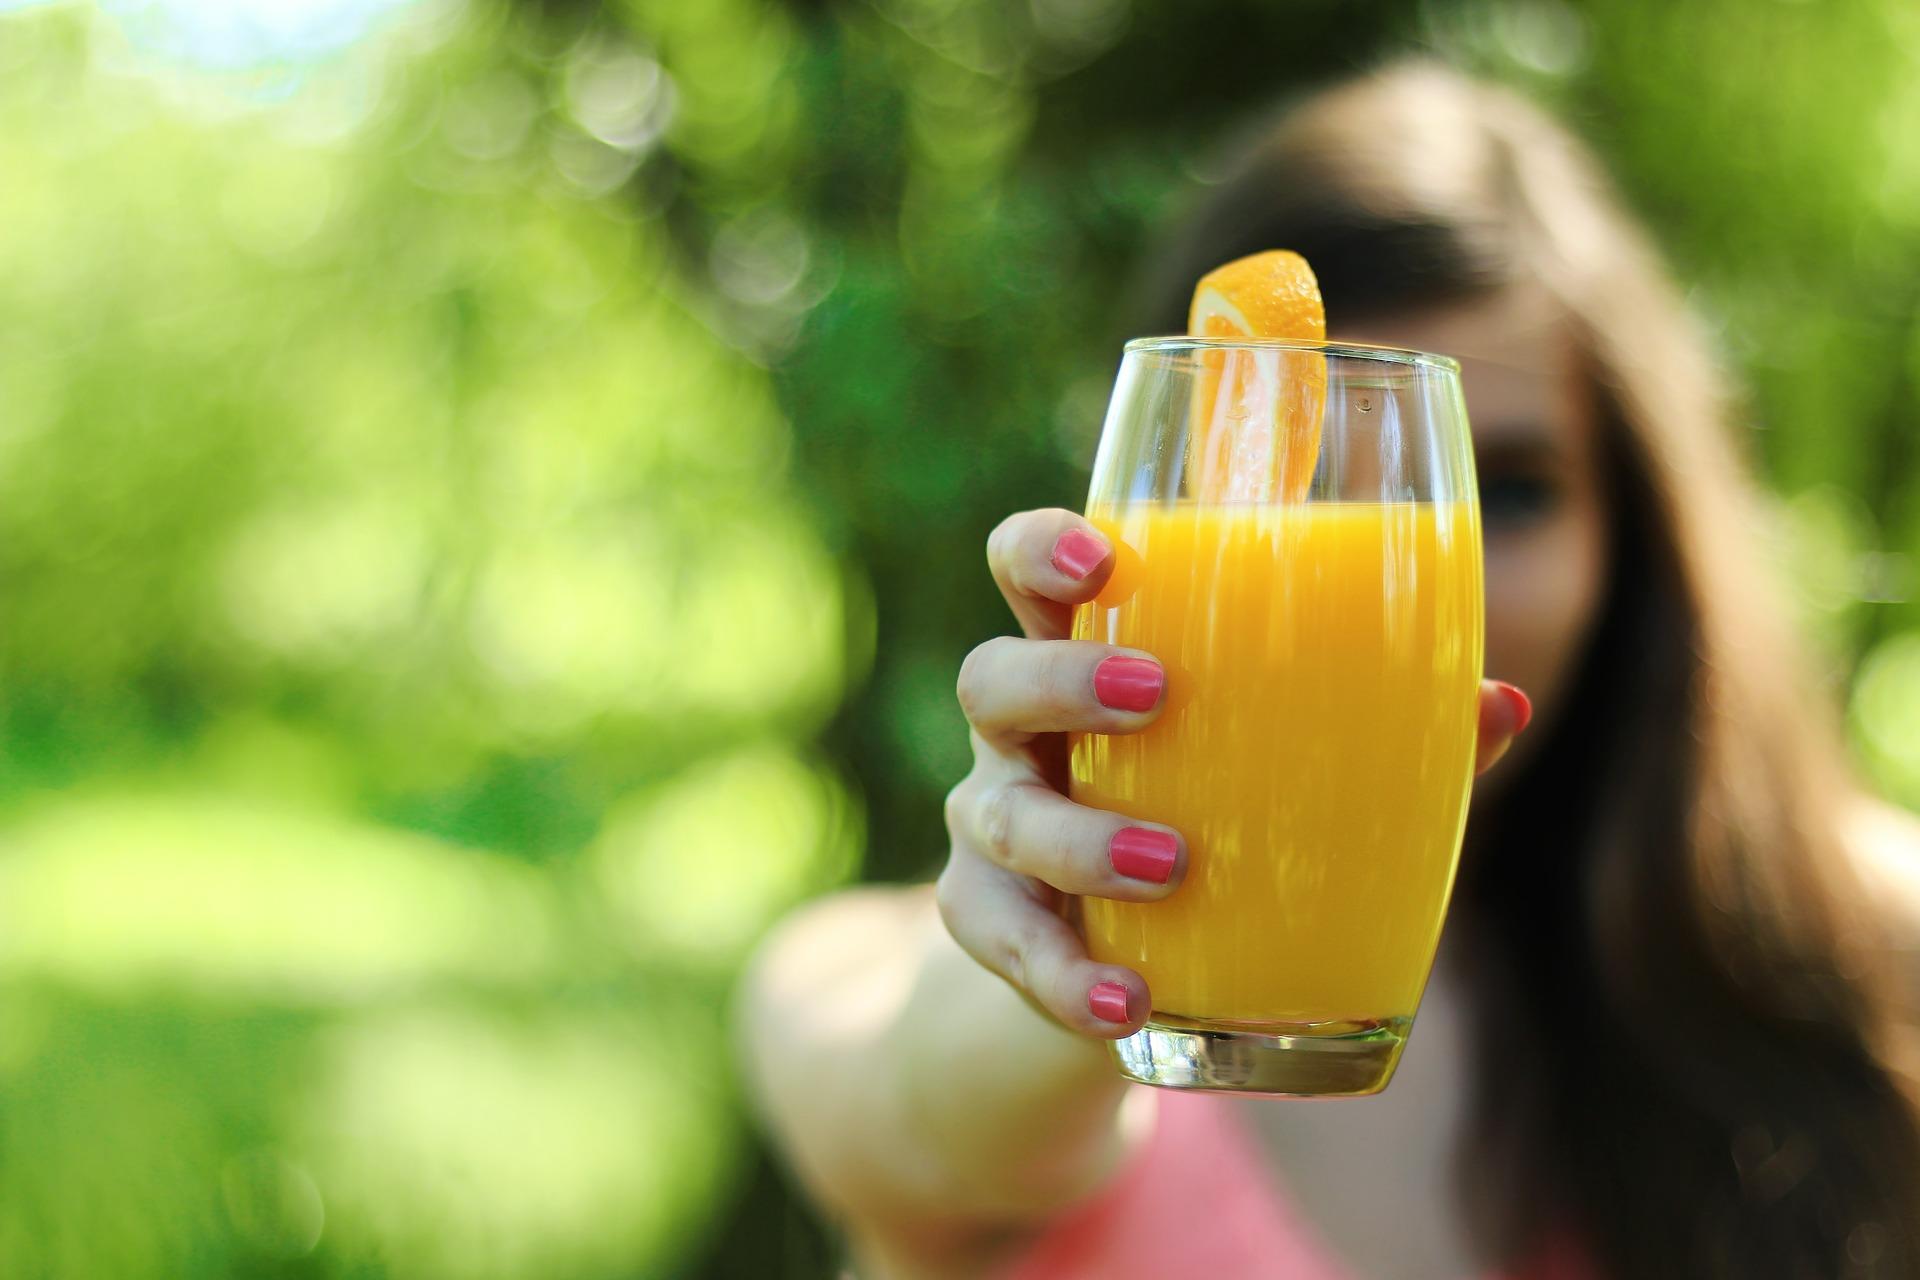 Kobieta trzymająća w wyprostowanej ręce przed sobą szklankę soku pomarańczowego